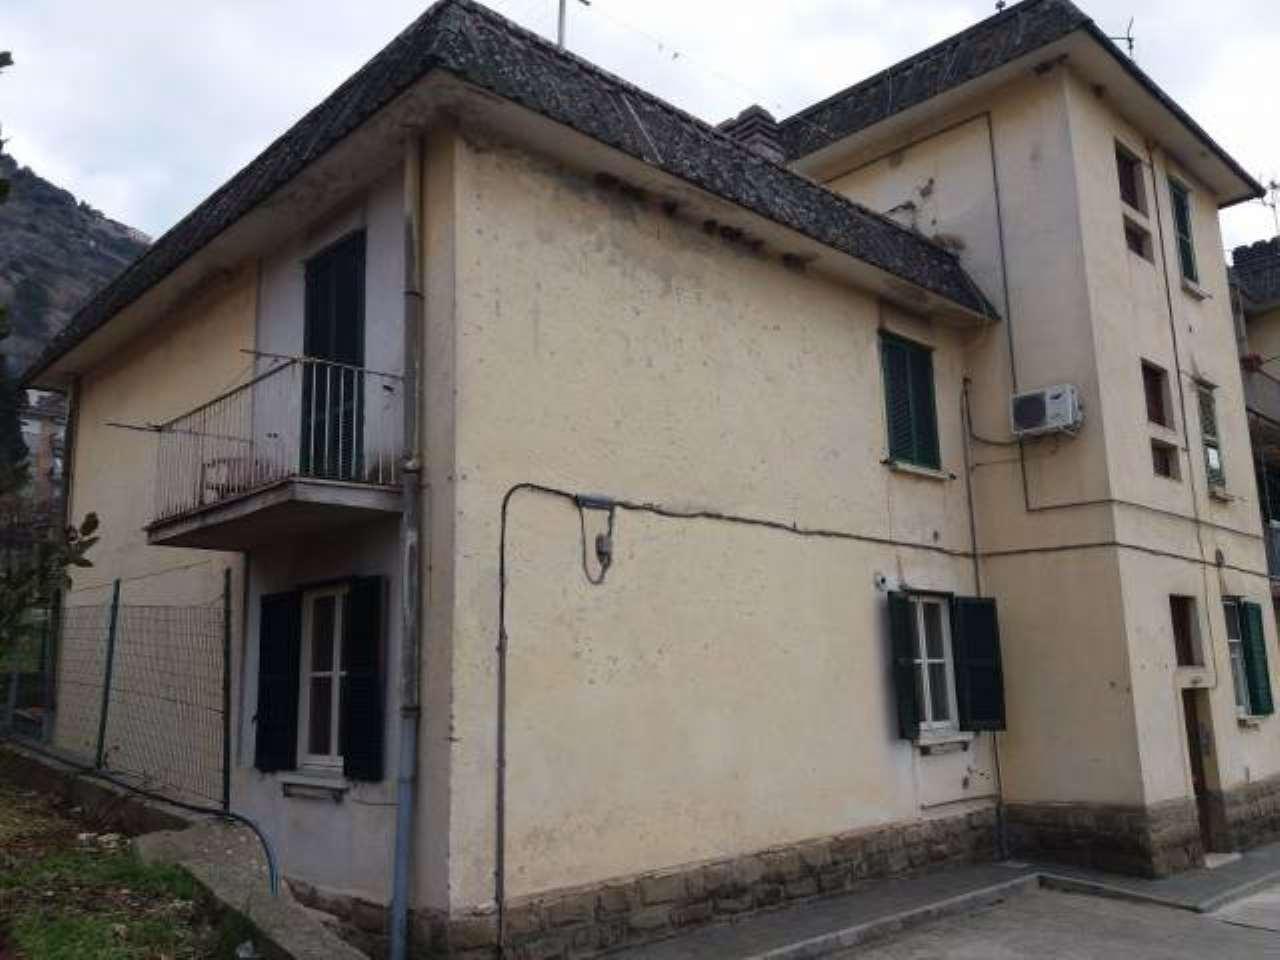 Appartamento in vendita a Arce, 2 locali, prezzo € 50.000 | CambioCasa.it